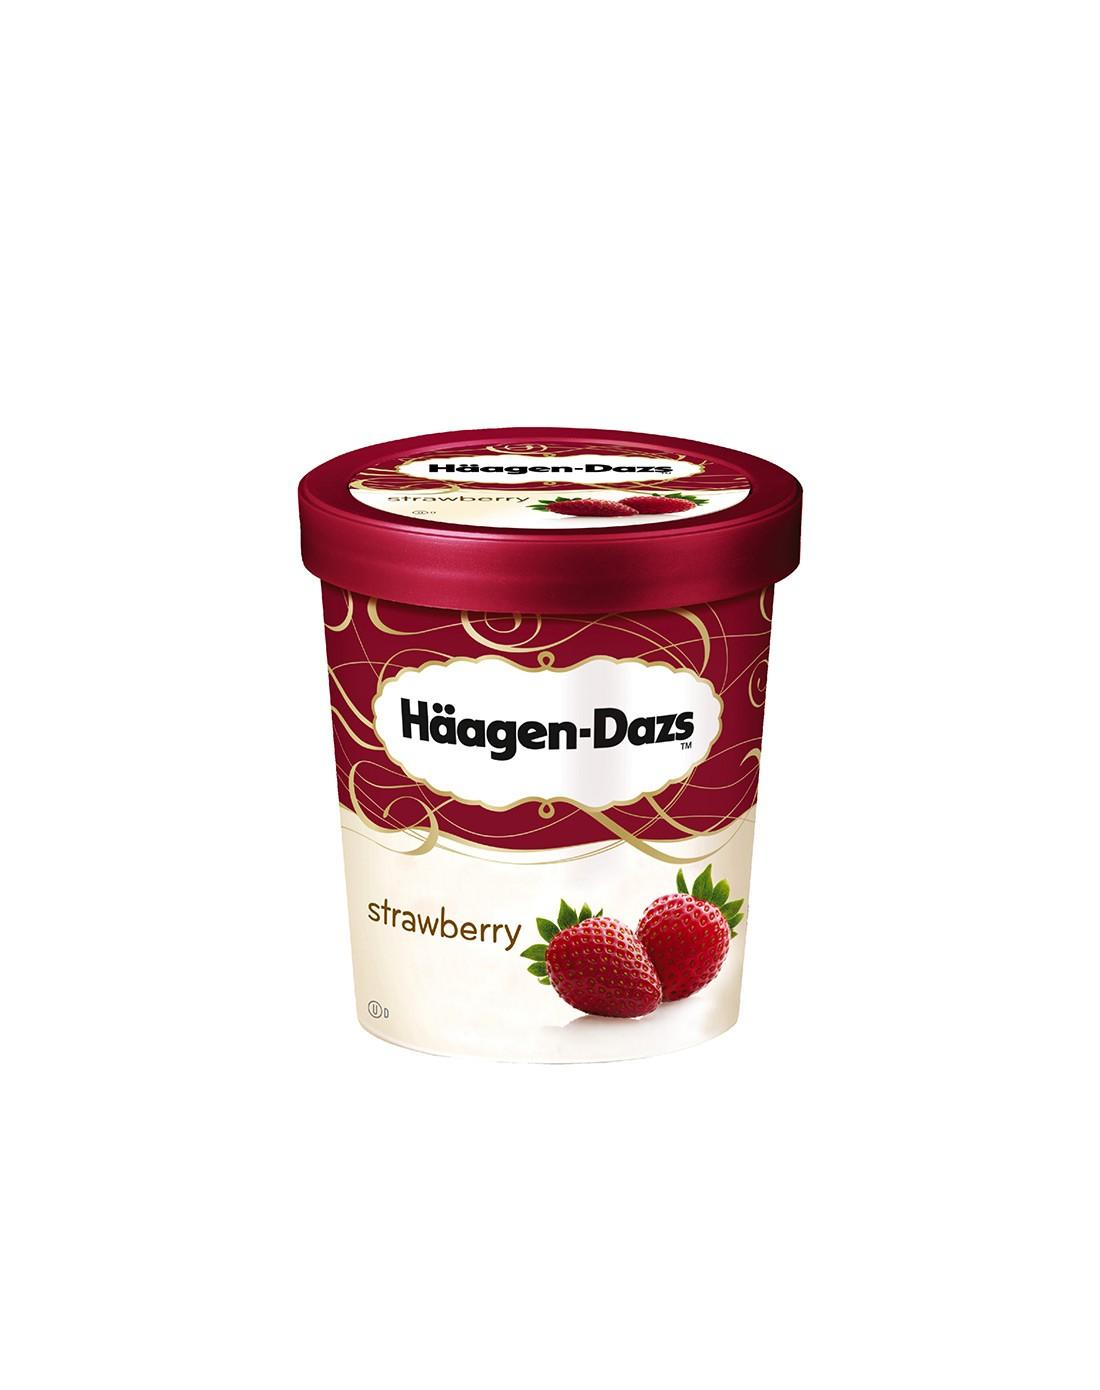 进口冰淇淋专场哈根达斯香草冰淇淋/哈根达斯草莓h1